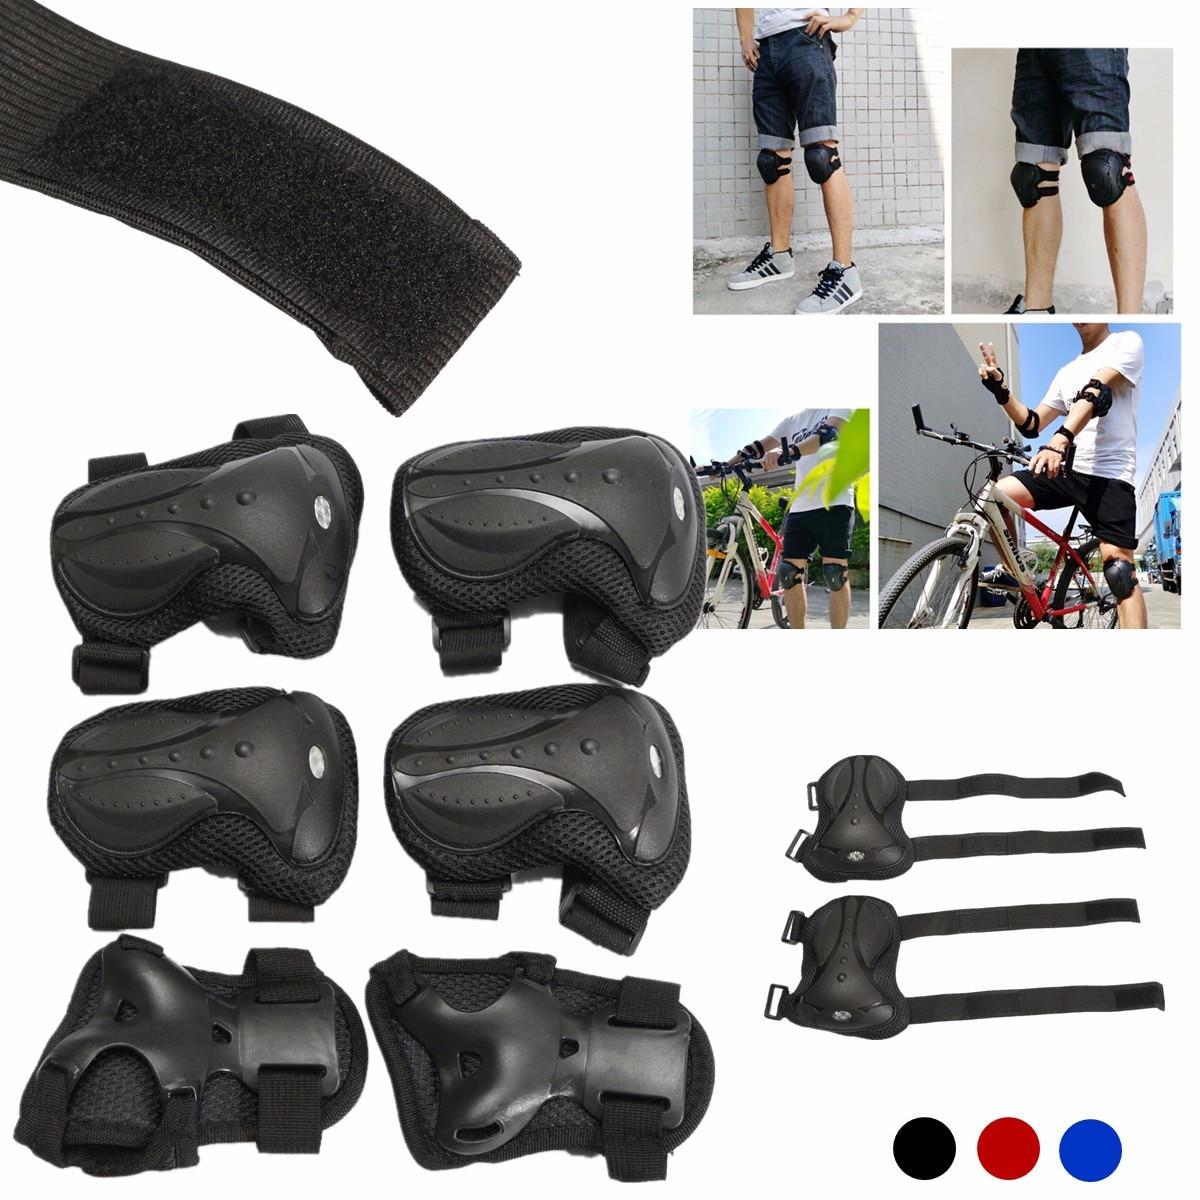 6 teile/satz Erwachsene Sport Sicherheit Gesetzt Knie Ellenbogen Pads Schutz Kneepads Schutz Für Roller Radfahren Roller Skating